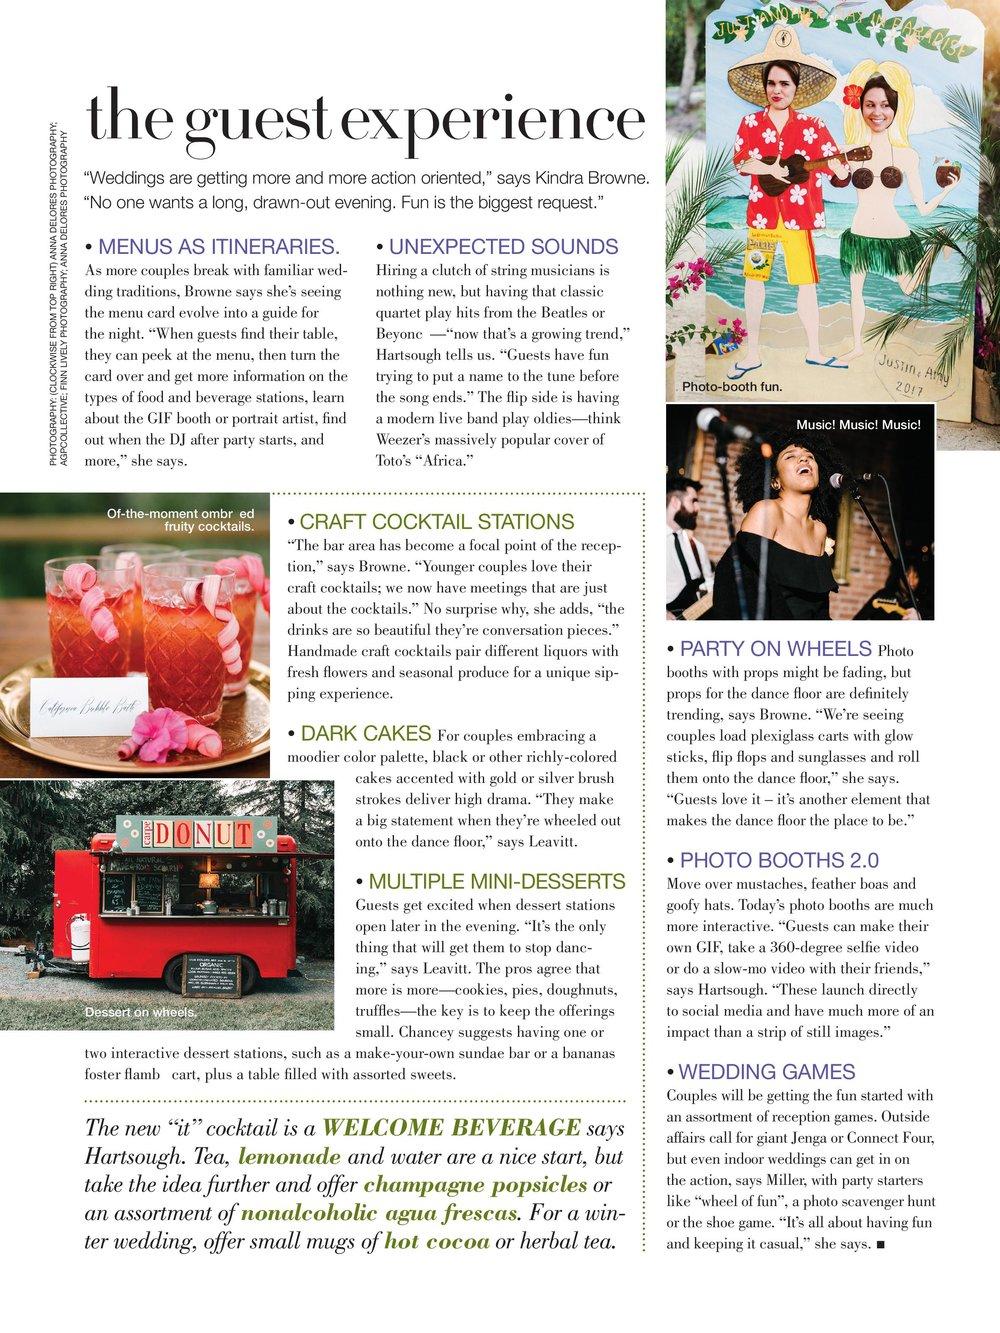 Jan 19 Trends (1)-page-005.jpg